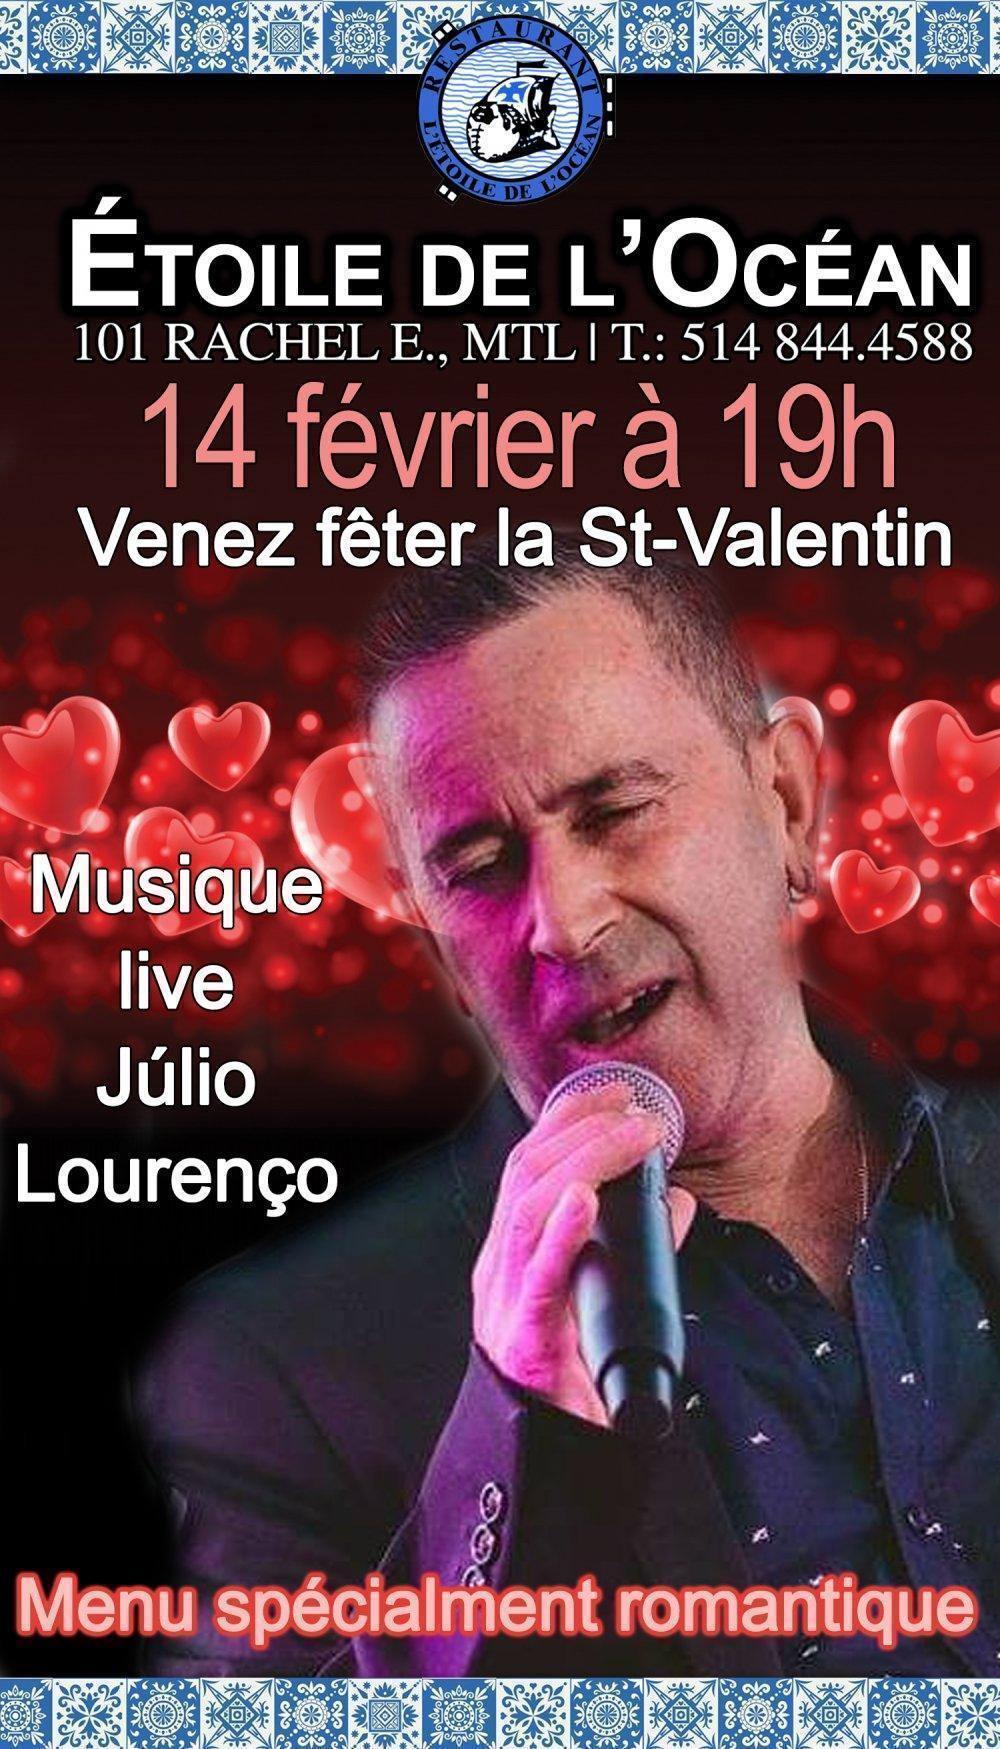 Musique Live de Julio Lorenço Chez L'Etoie de L'Océan - événement